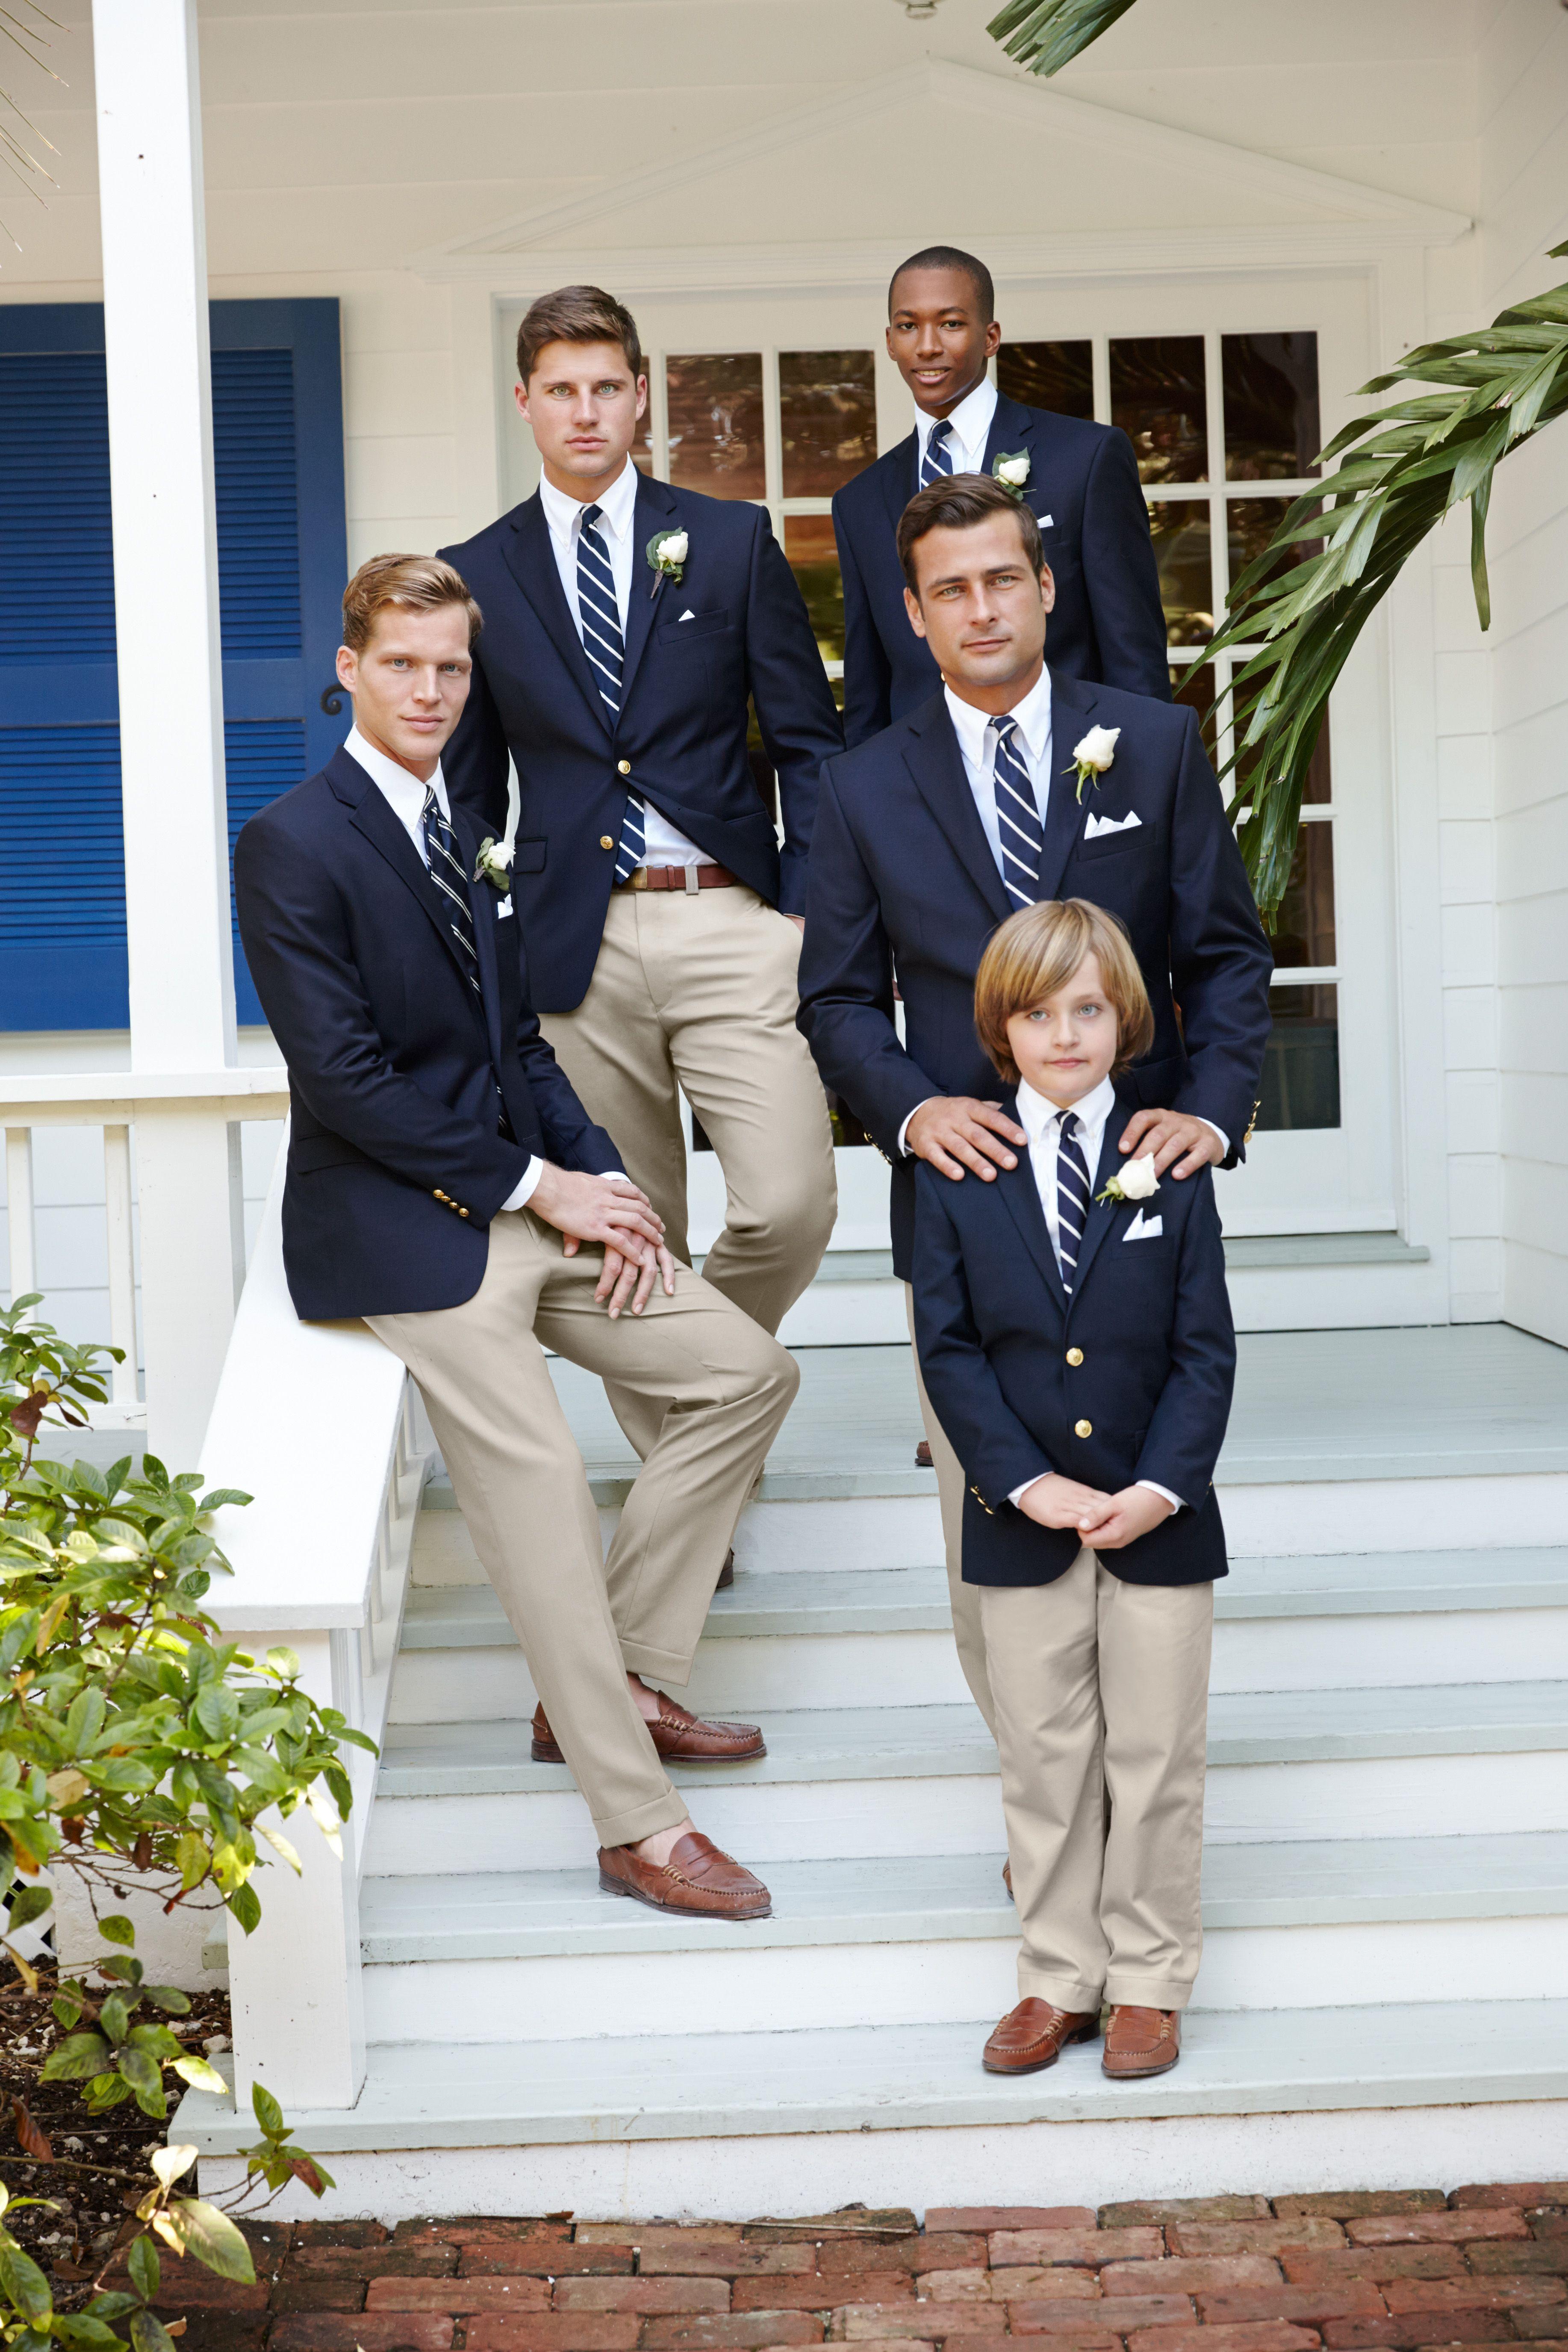 Lauren Ralph Lauren Wedding Navy Suit Jackets Have A Classic